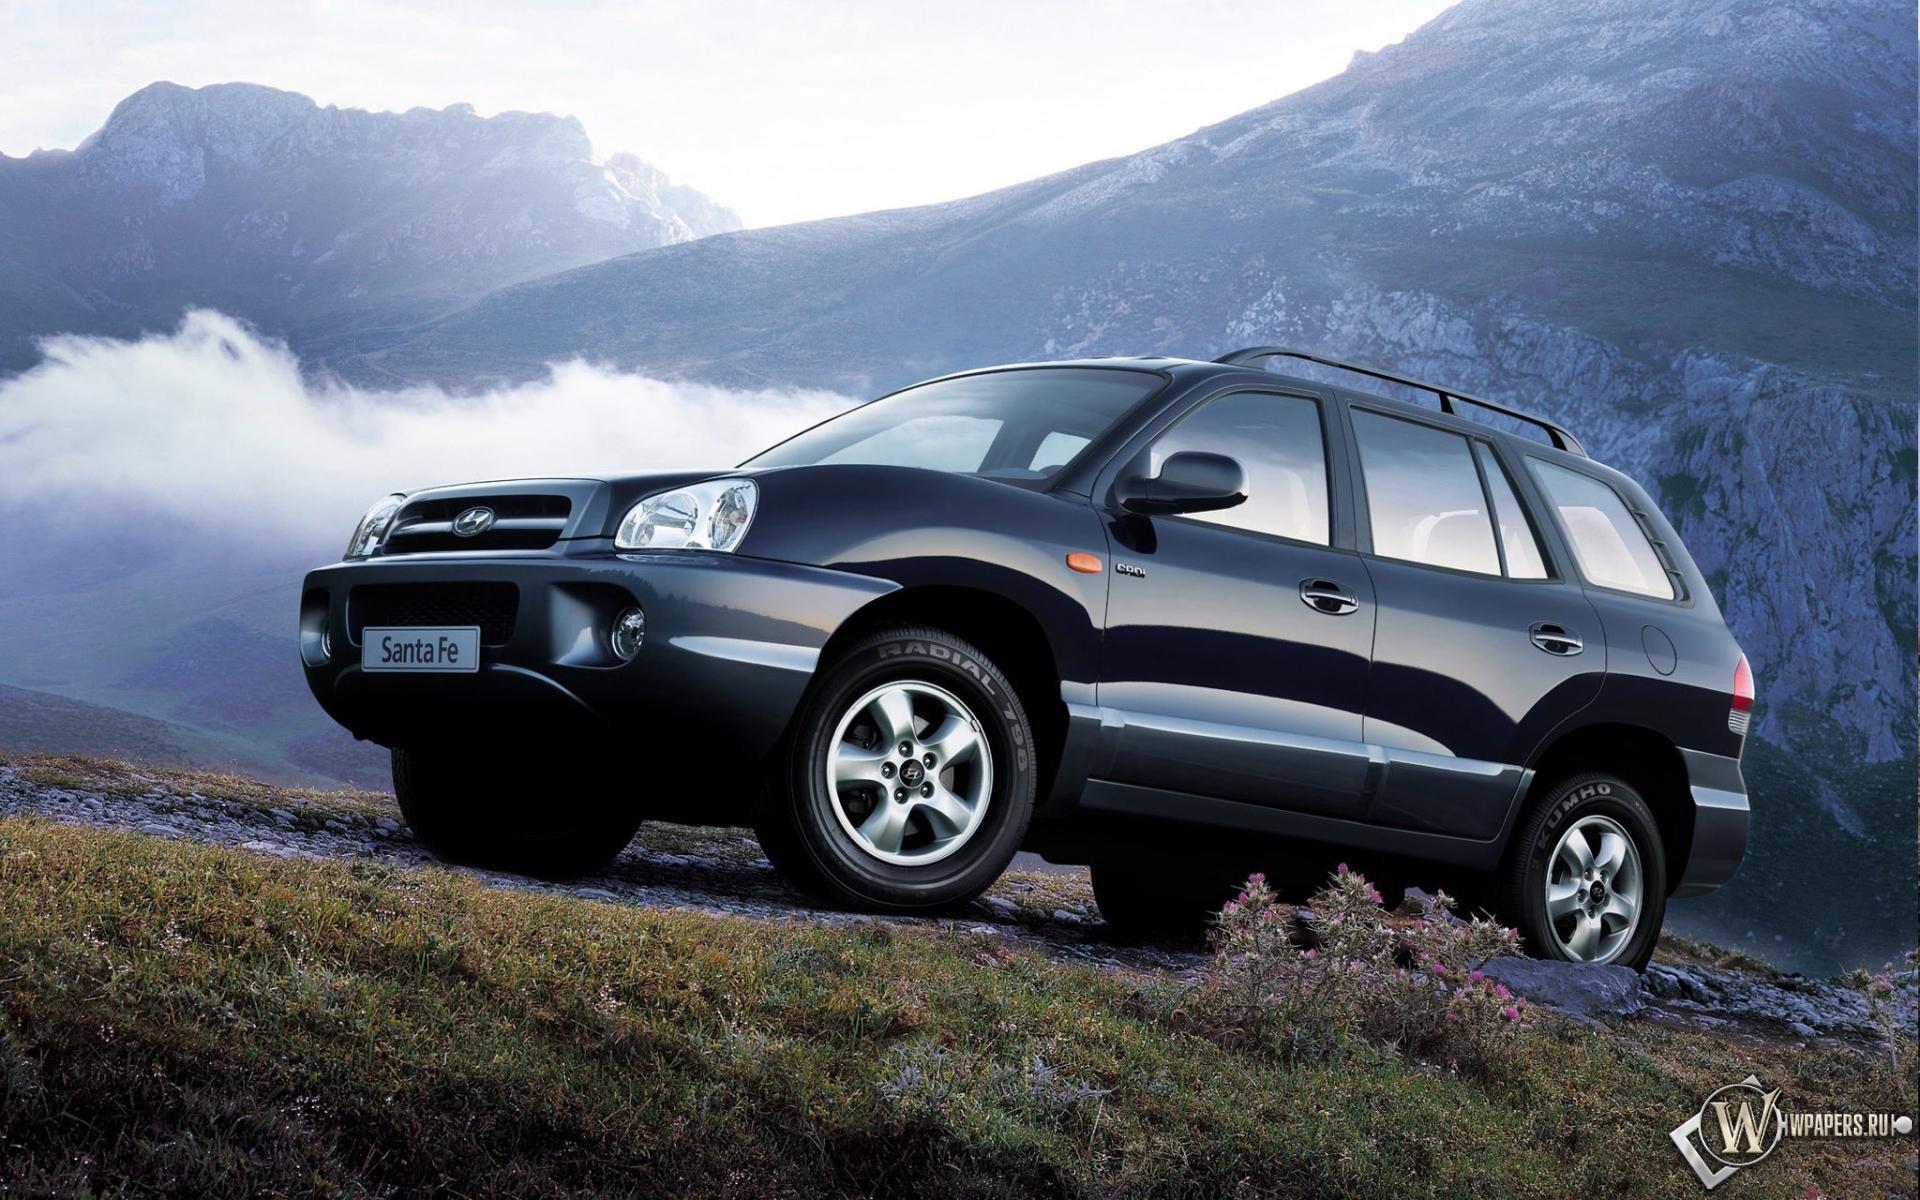 Отзывы владельцев Hyundai Santa Fe Хендай Санта Фе с ФОТО